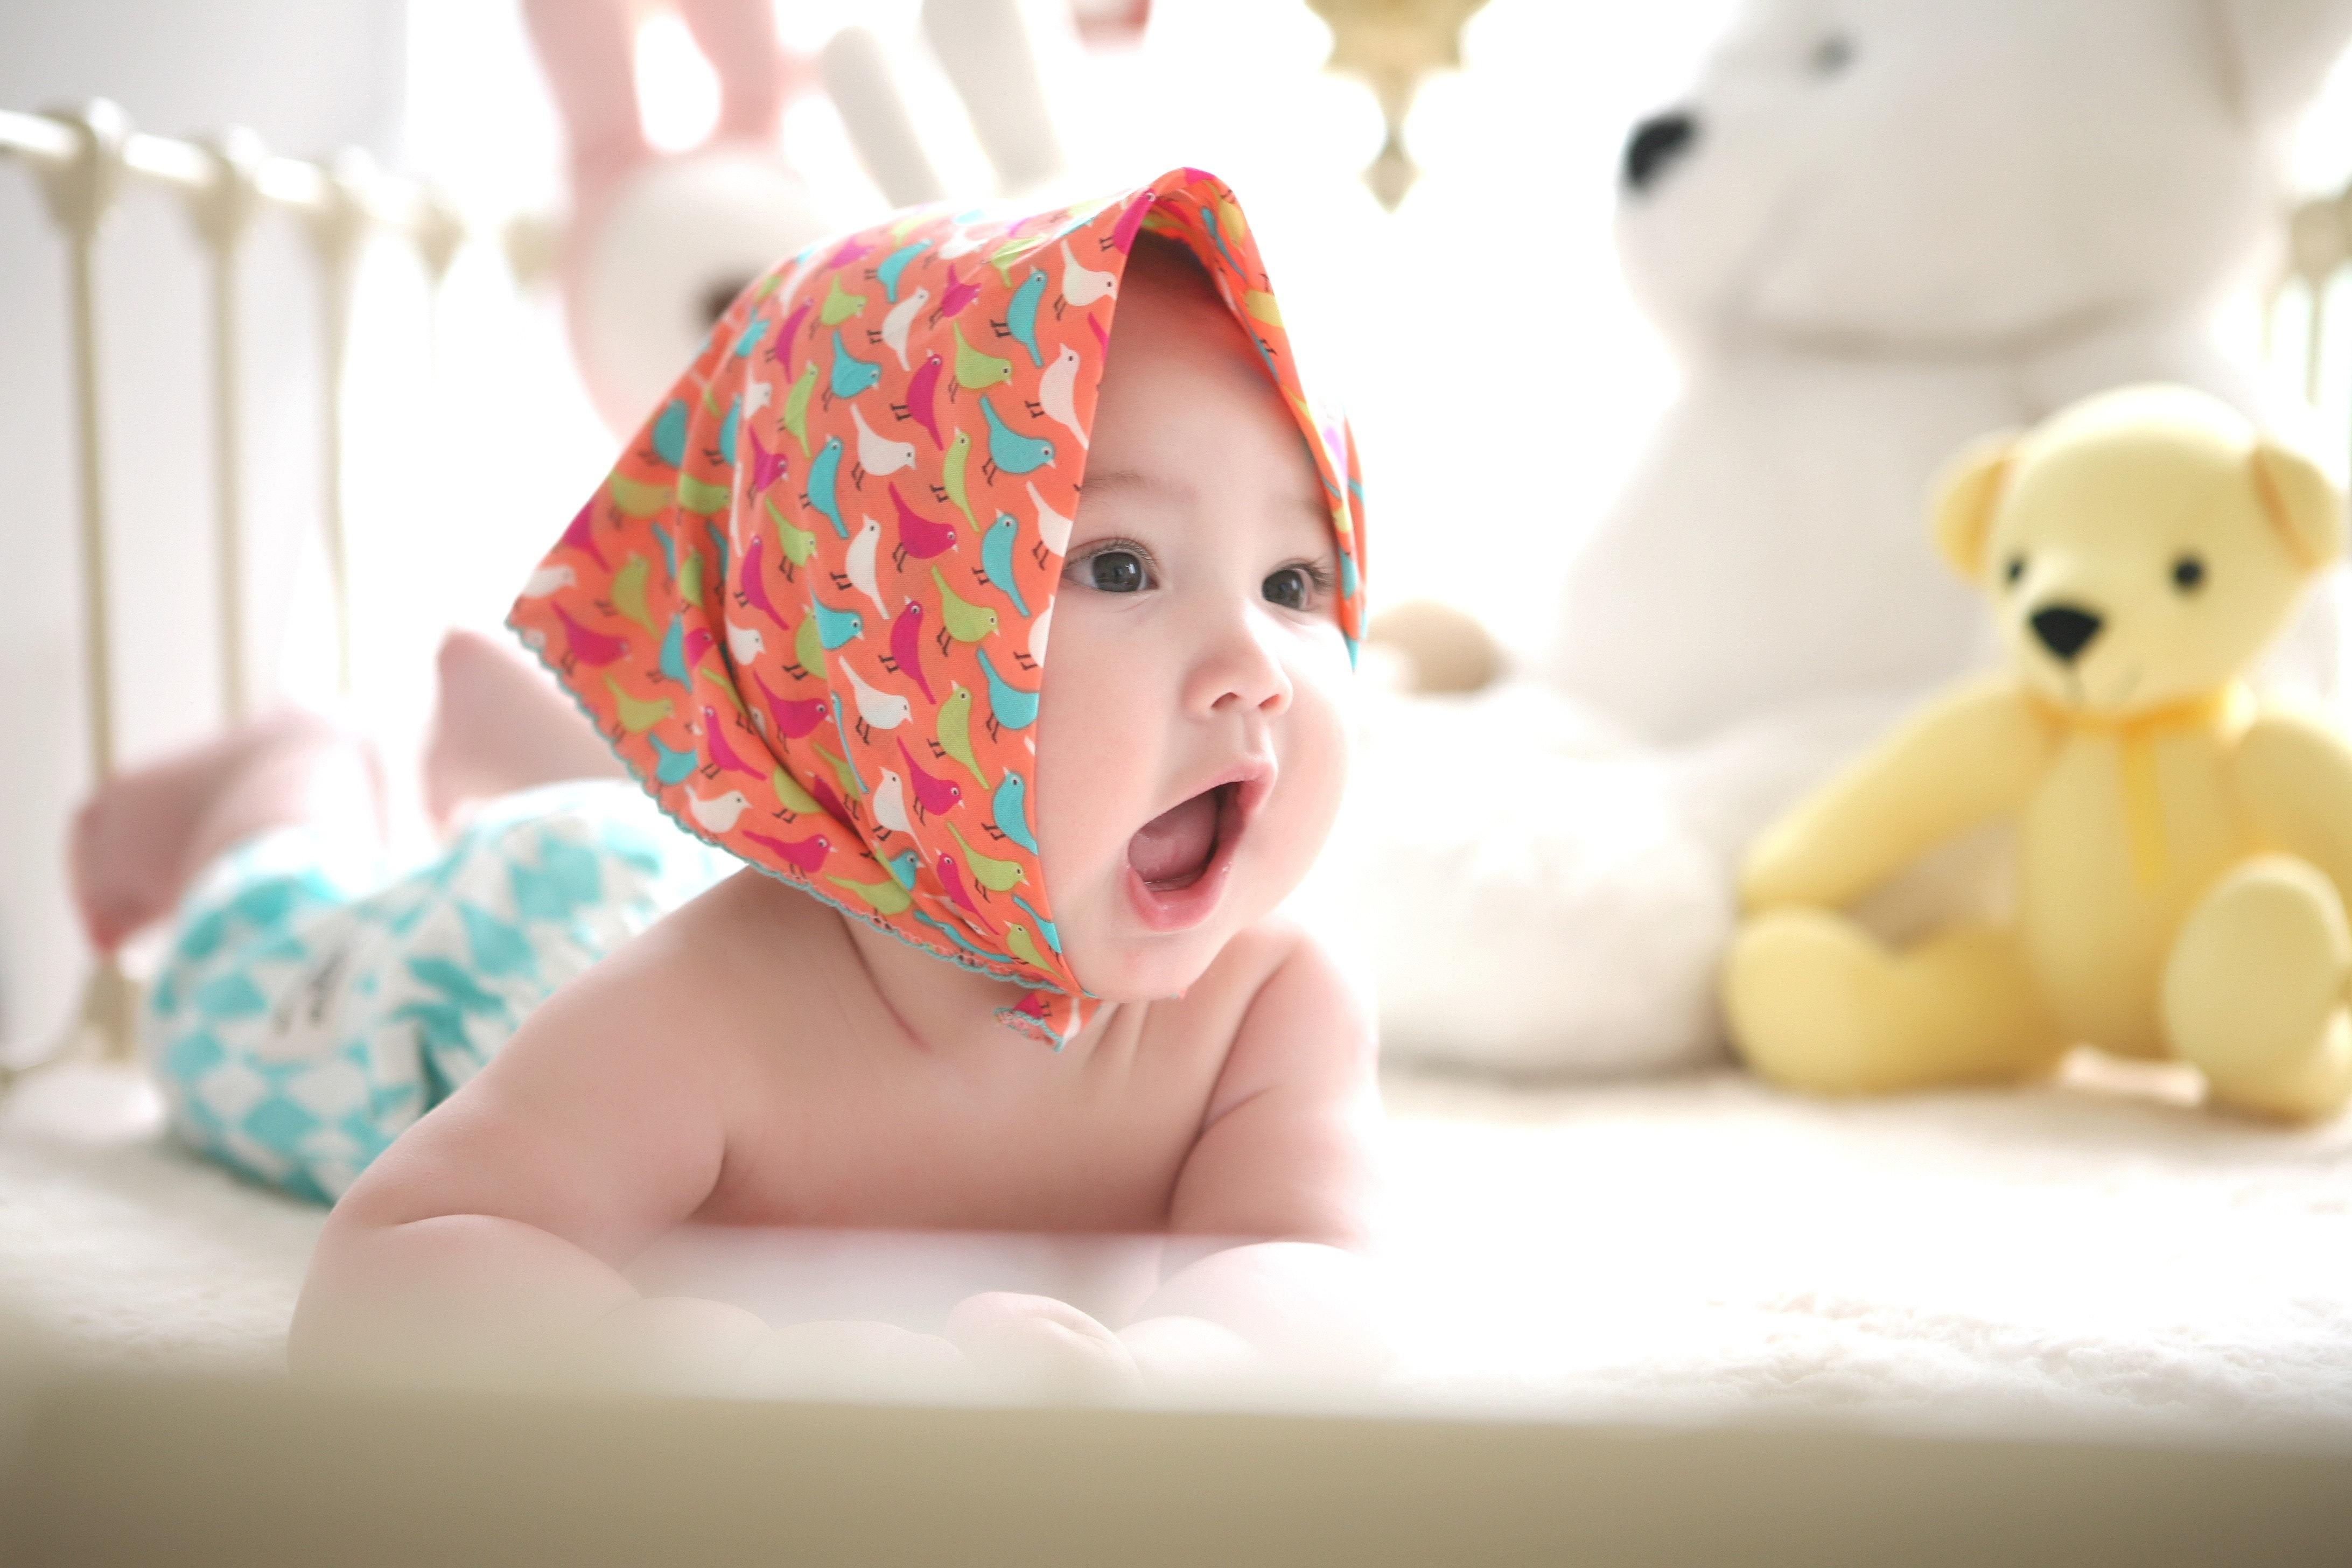 Младенец в кроватке с мягкими игрушками